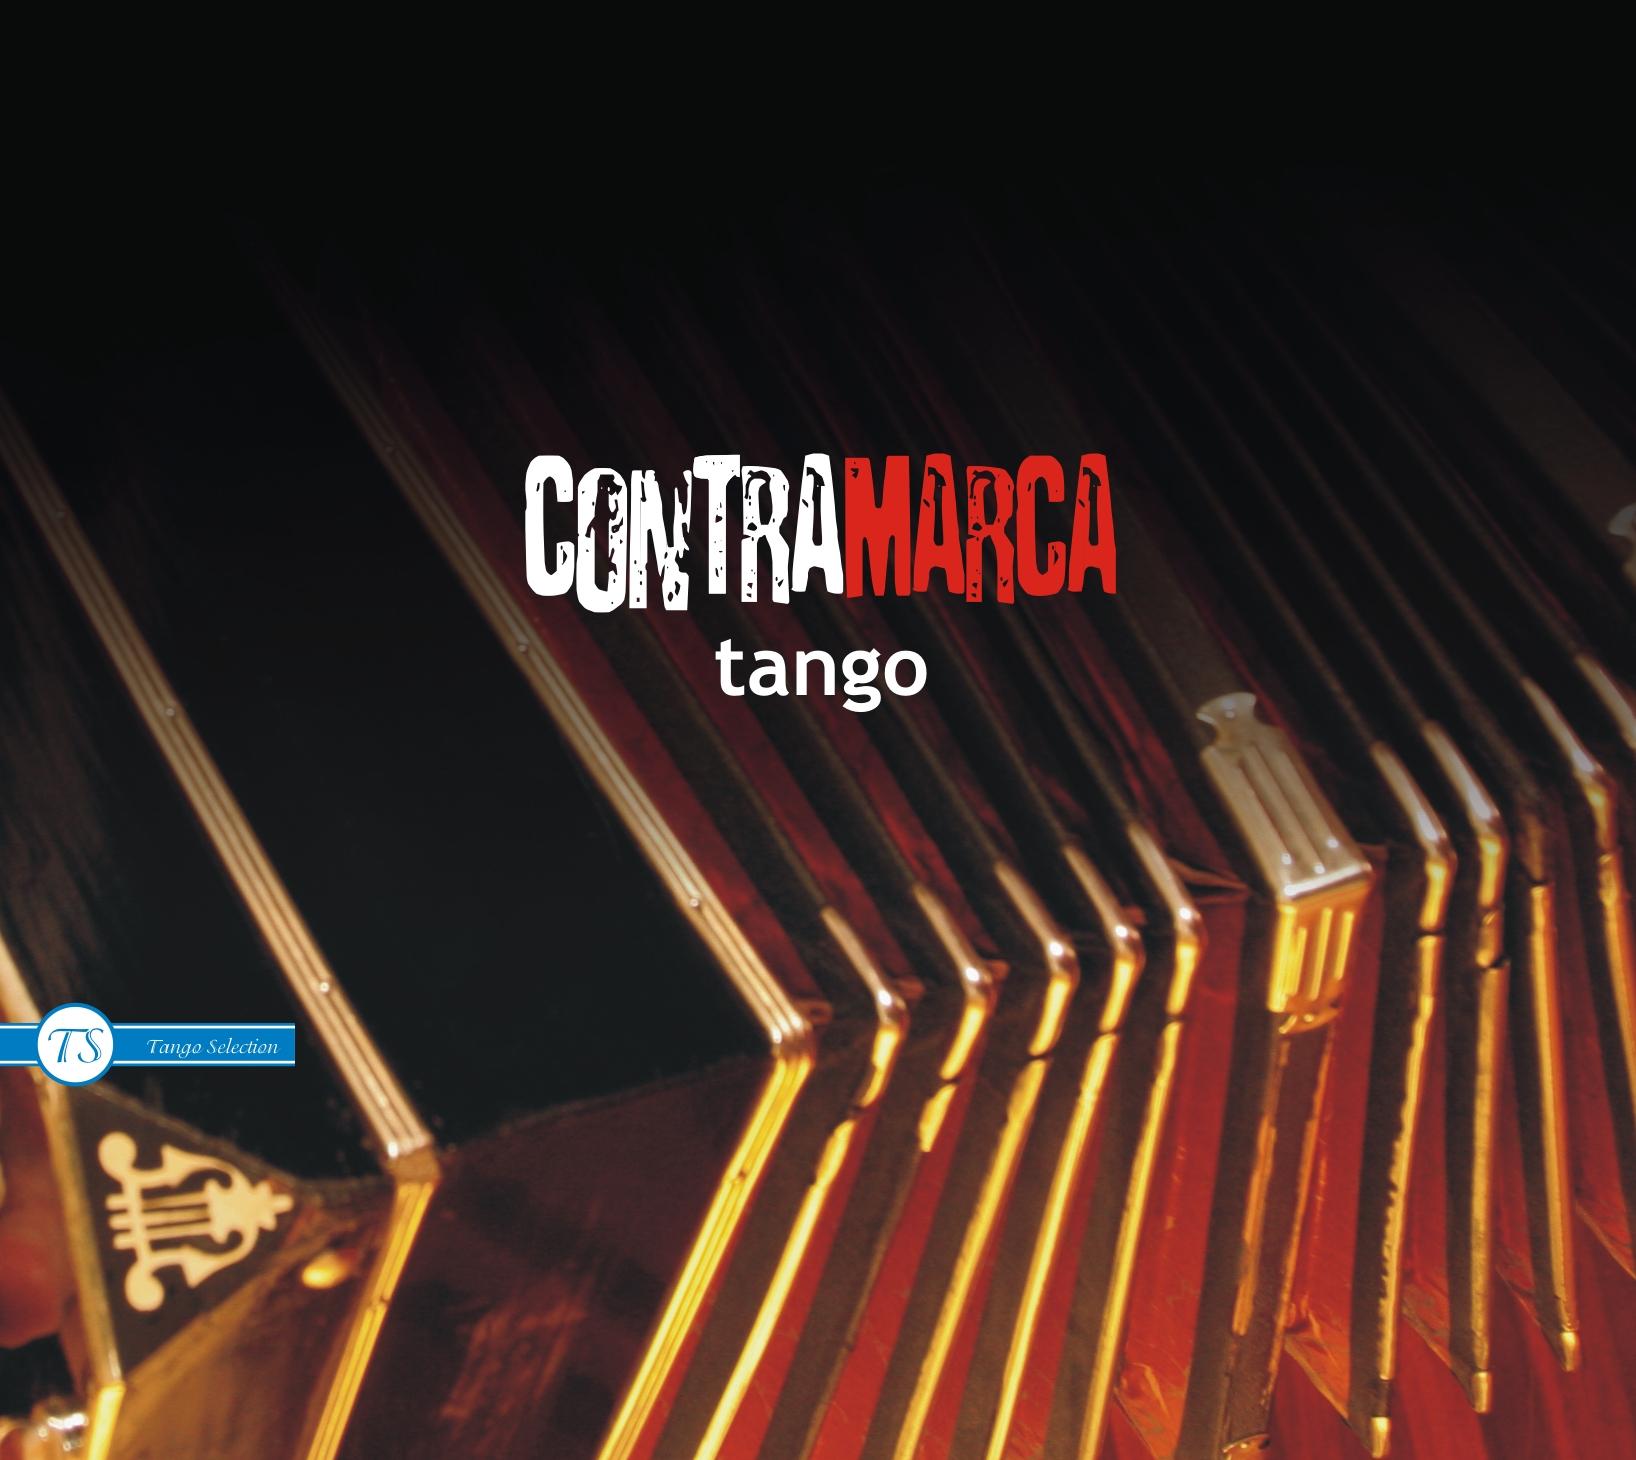 tango - Contramarca